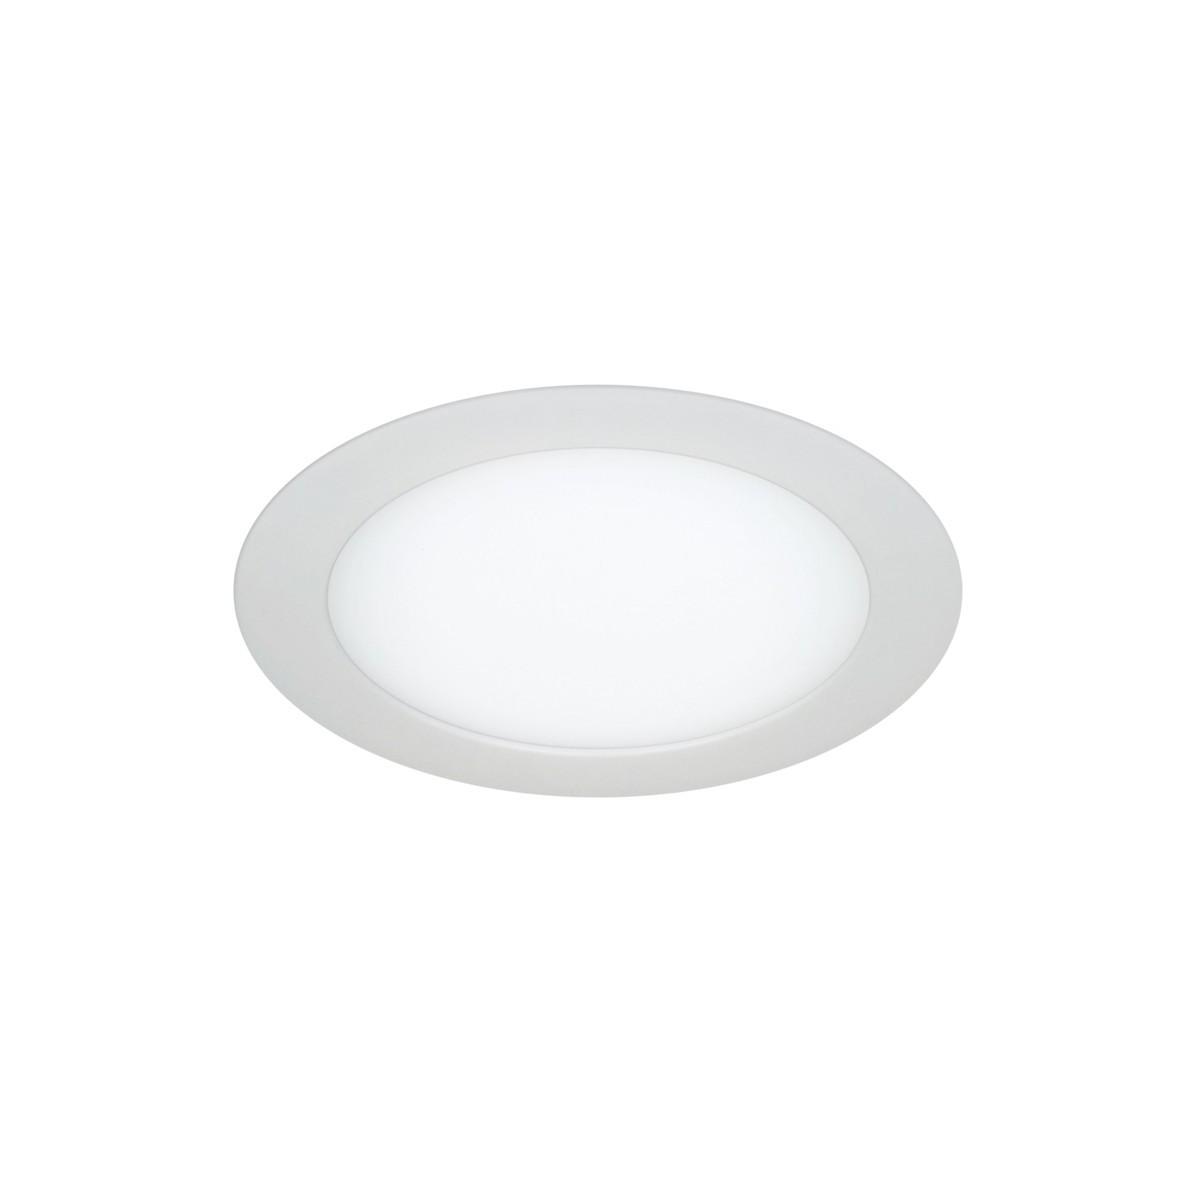 Dowlight 6W Know redondo blanco